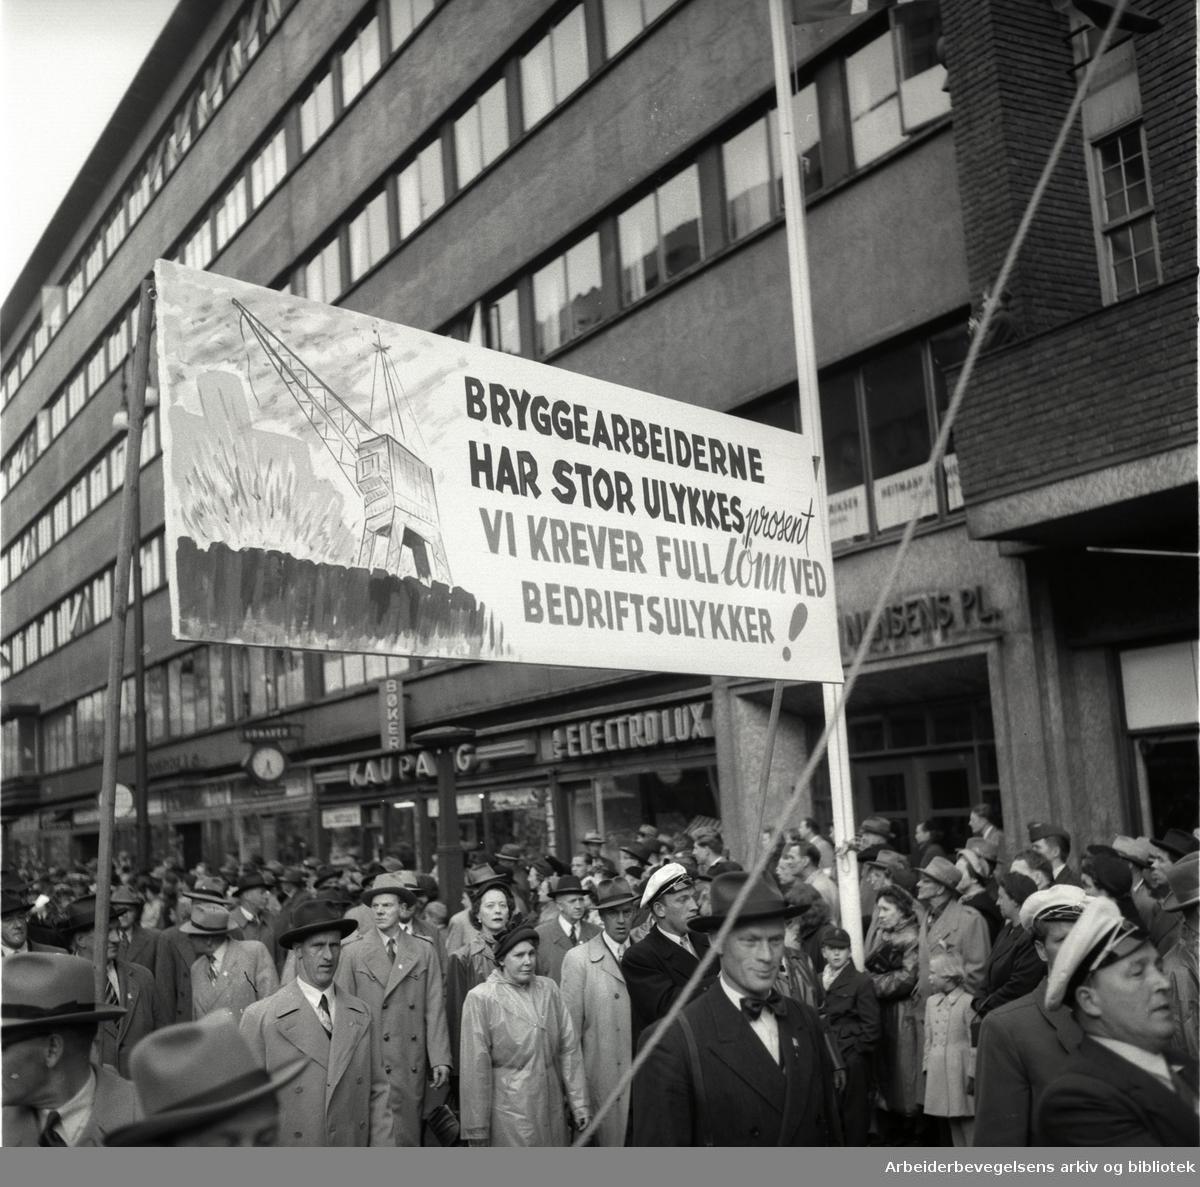 1. mai 1954.Demonstrasjonstoget.Parole: Bryggearbeiderne har stor ulykkesprosent.Vi krever full lønn ved bedriftsulykker!